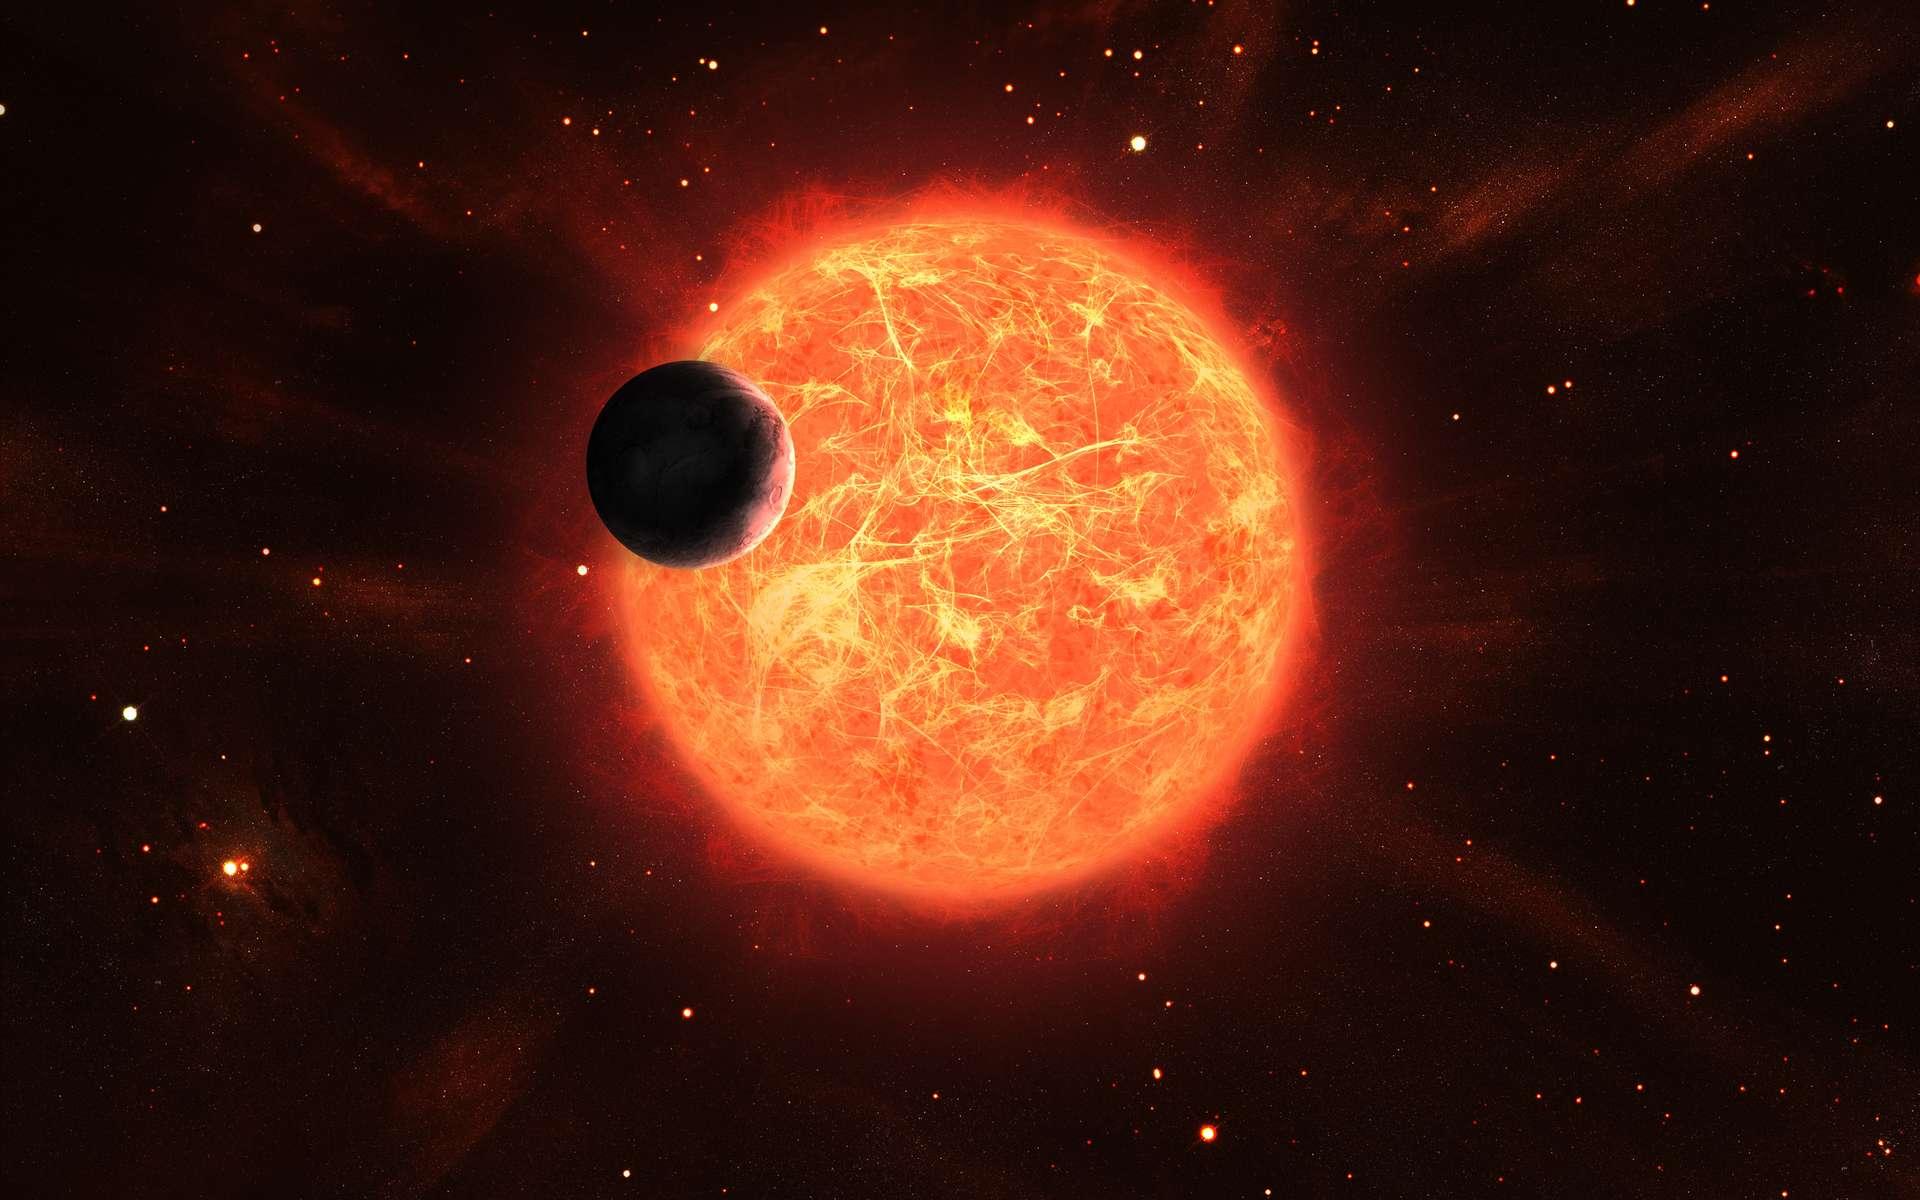 En utilisant les données de Tess, les scientifiques ont découvert une exoplanète « improbable » qui aurait dû être engloutie par son étoile, mais qui existe pourtant toujours. © Lev, Adobe Stock